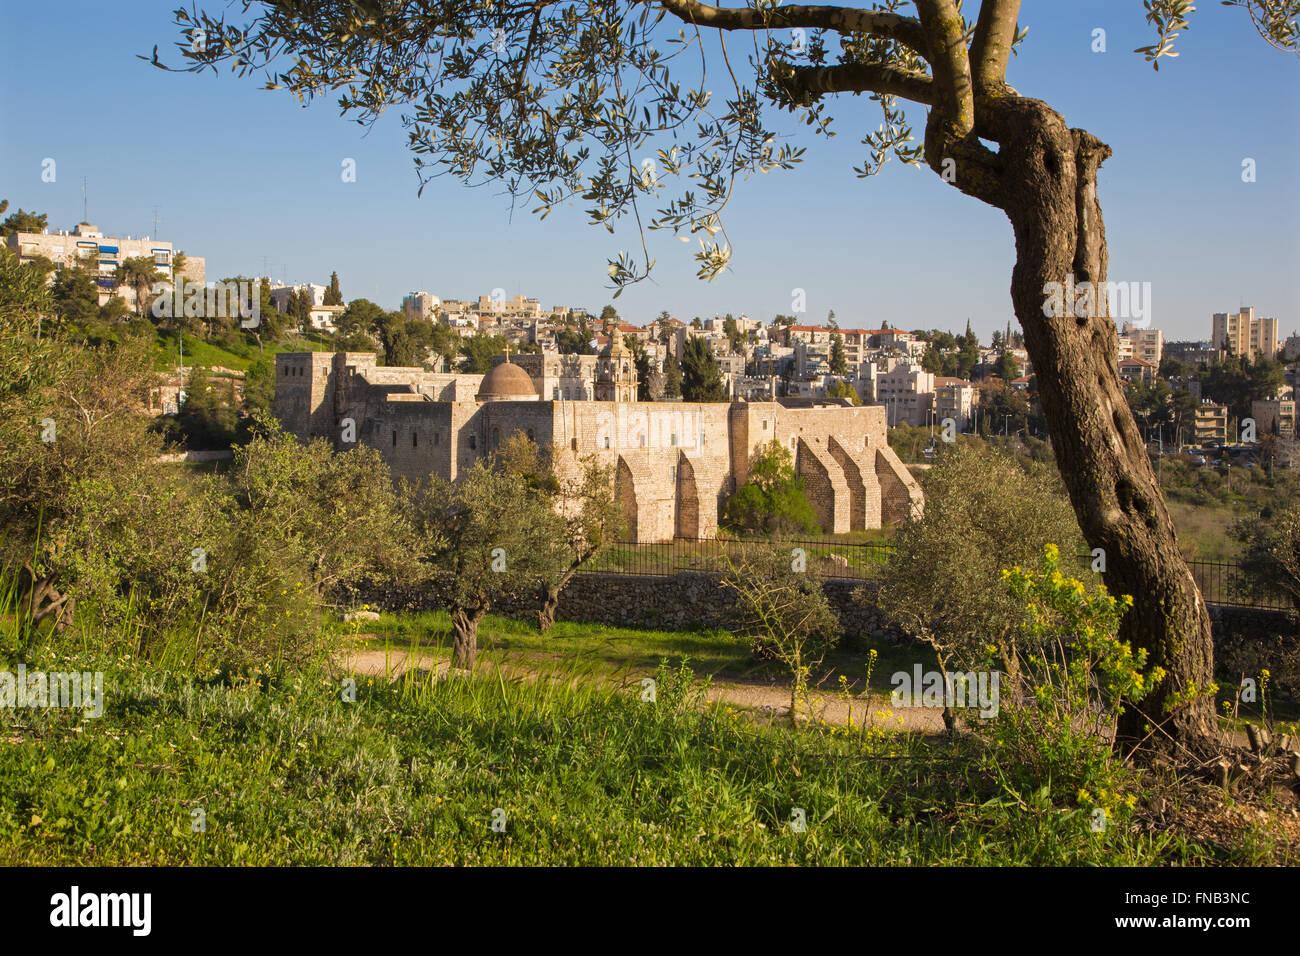 Israele - Gerusalemme - Monastero della Croce a partire dal XI secolo. Immagini Stock